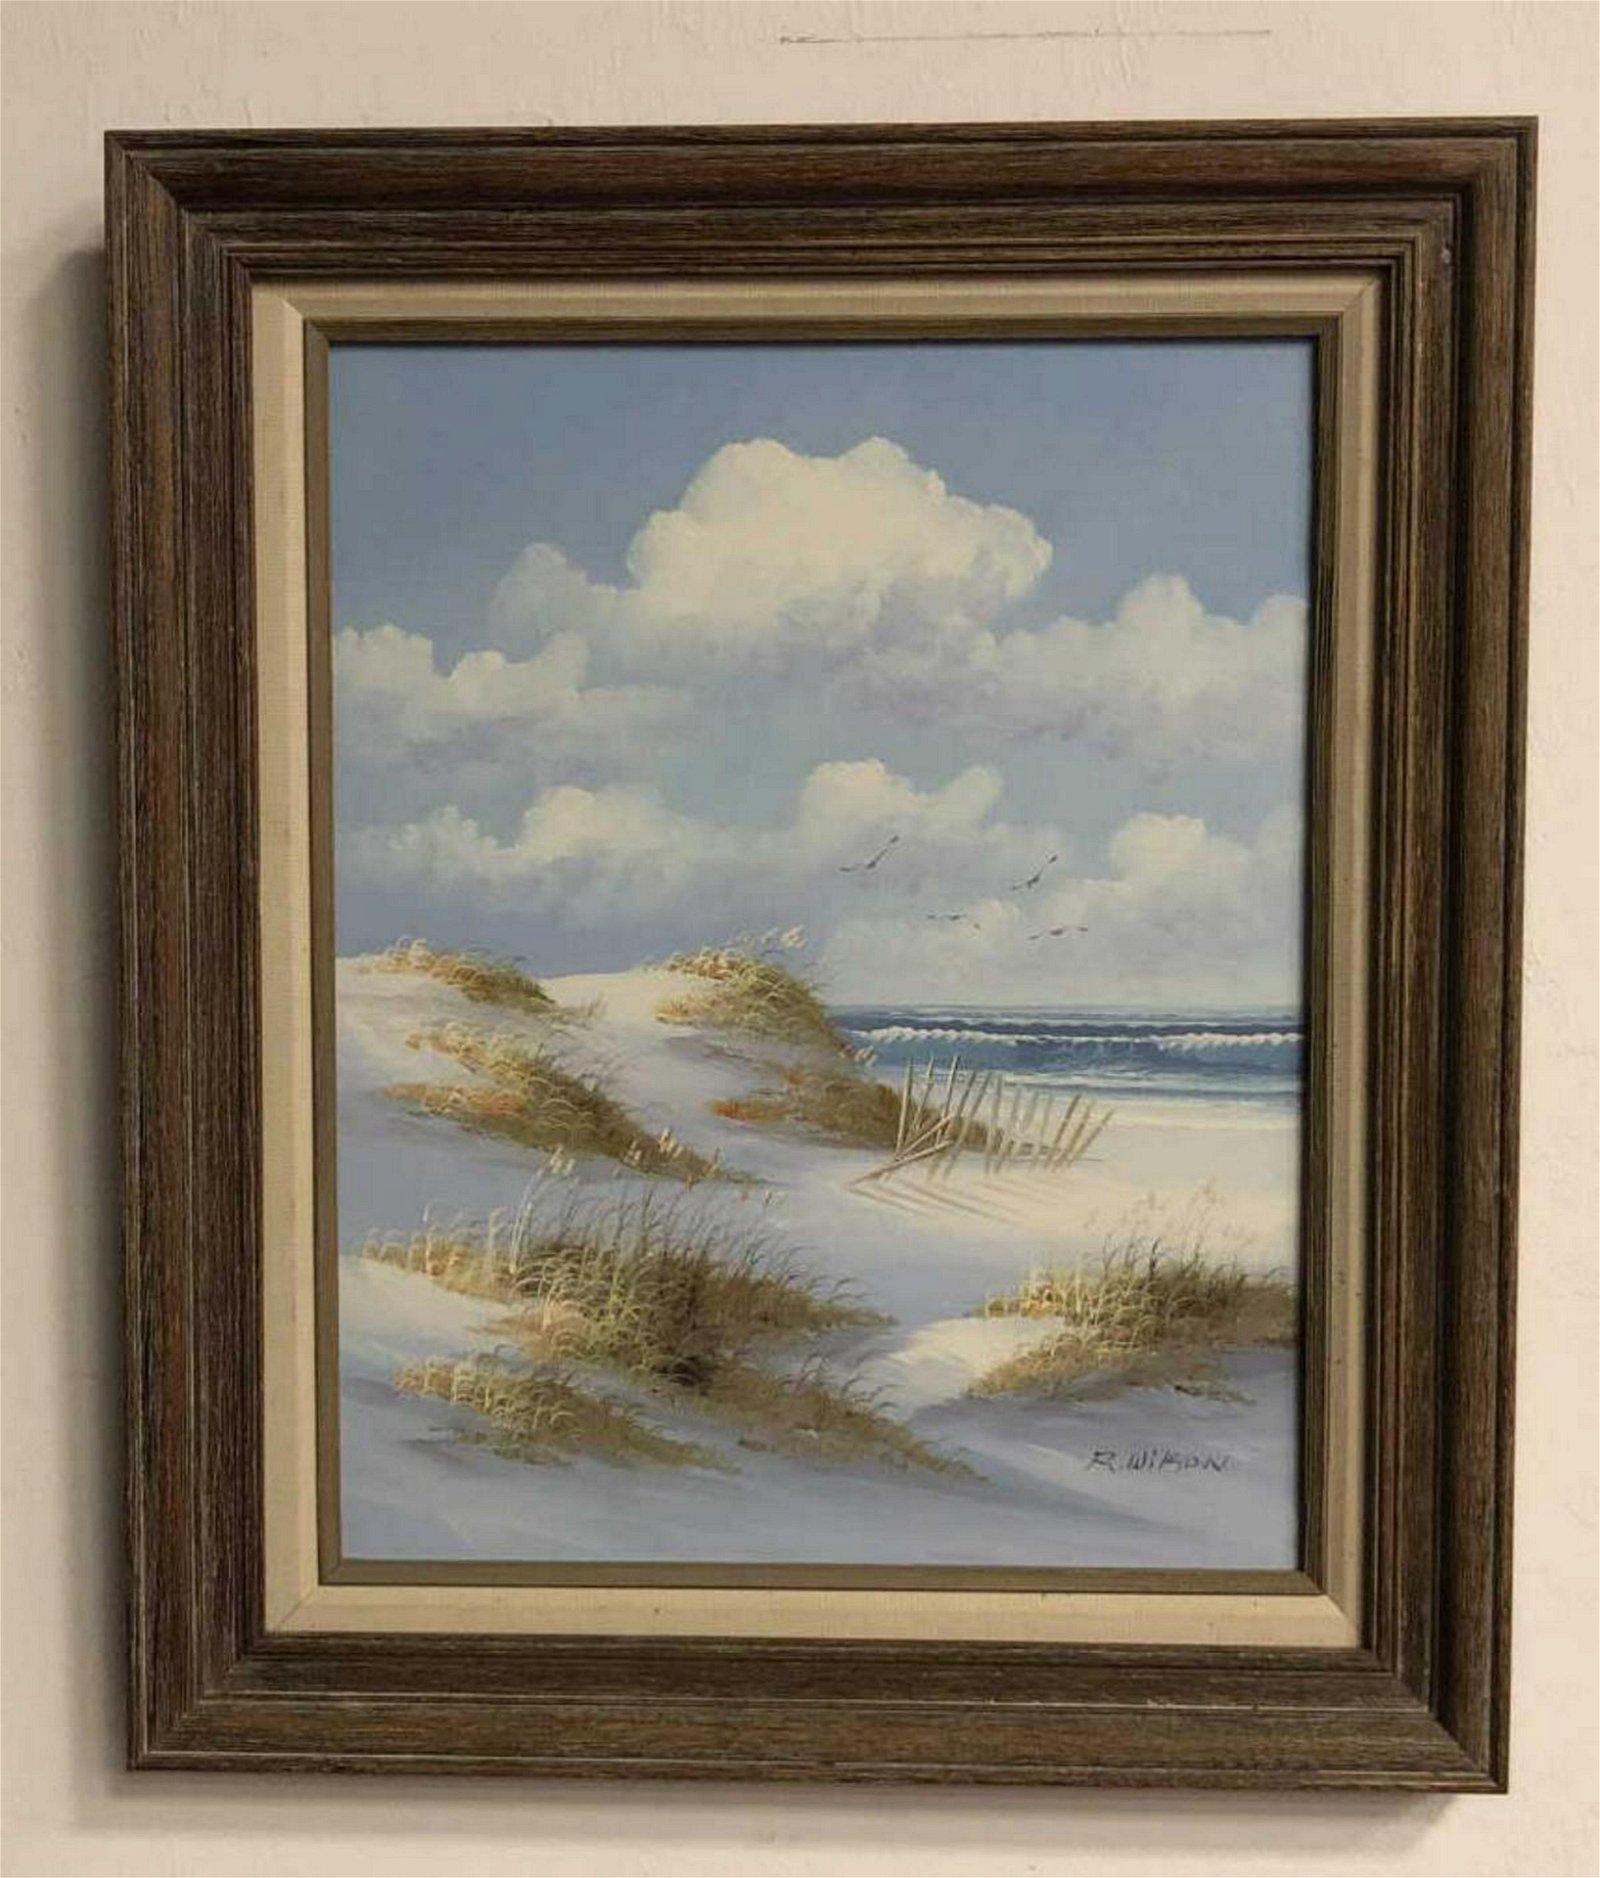 Coastal Beach Scene by R. Wilson Oil on Canvas